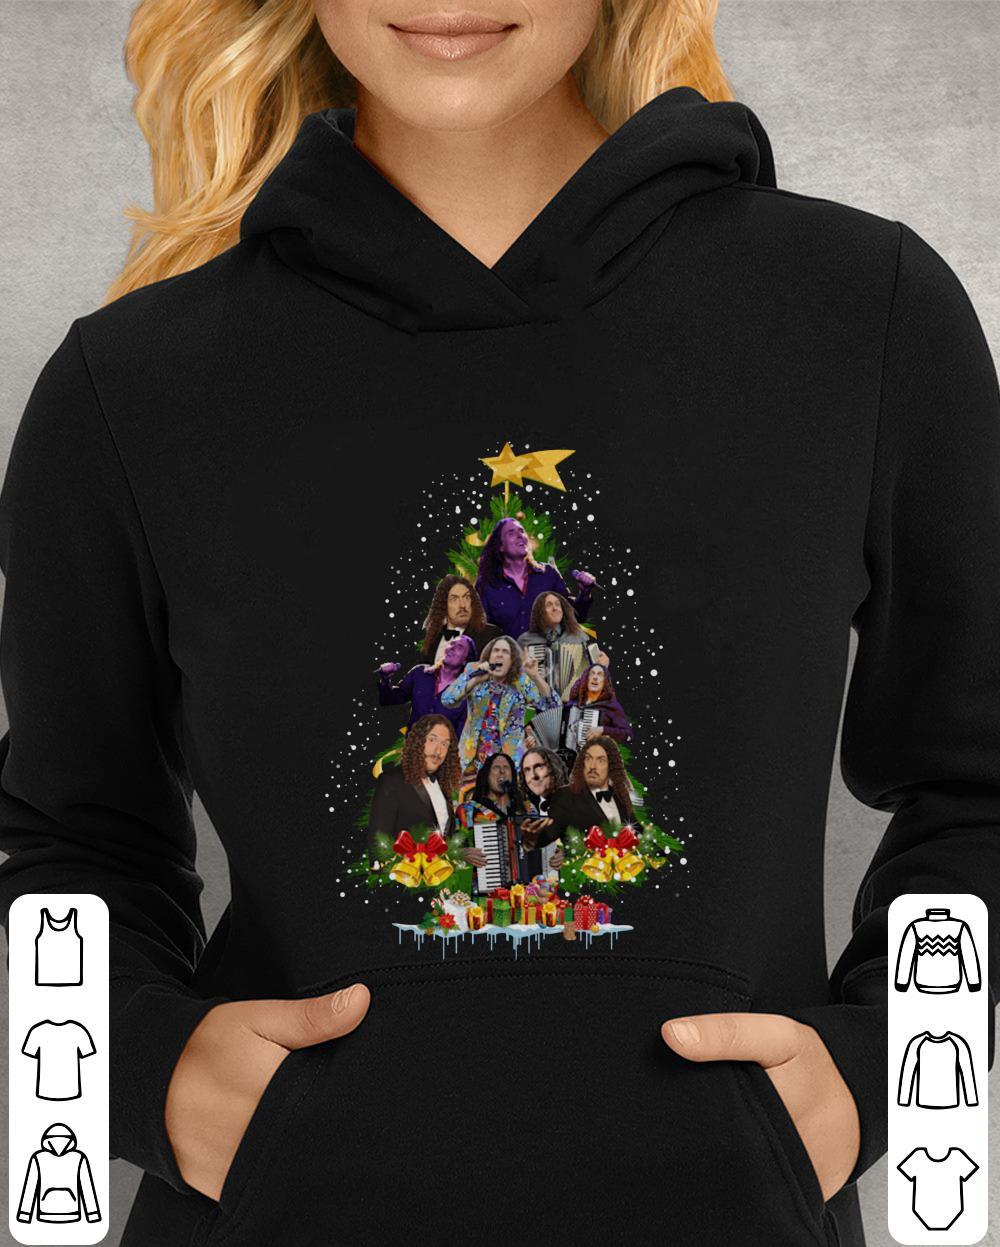 https://unicornshirts.net/images/2018/11/Weird-Al-Yankovic-Christmas-tree-shirt_4.jpg